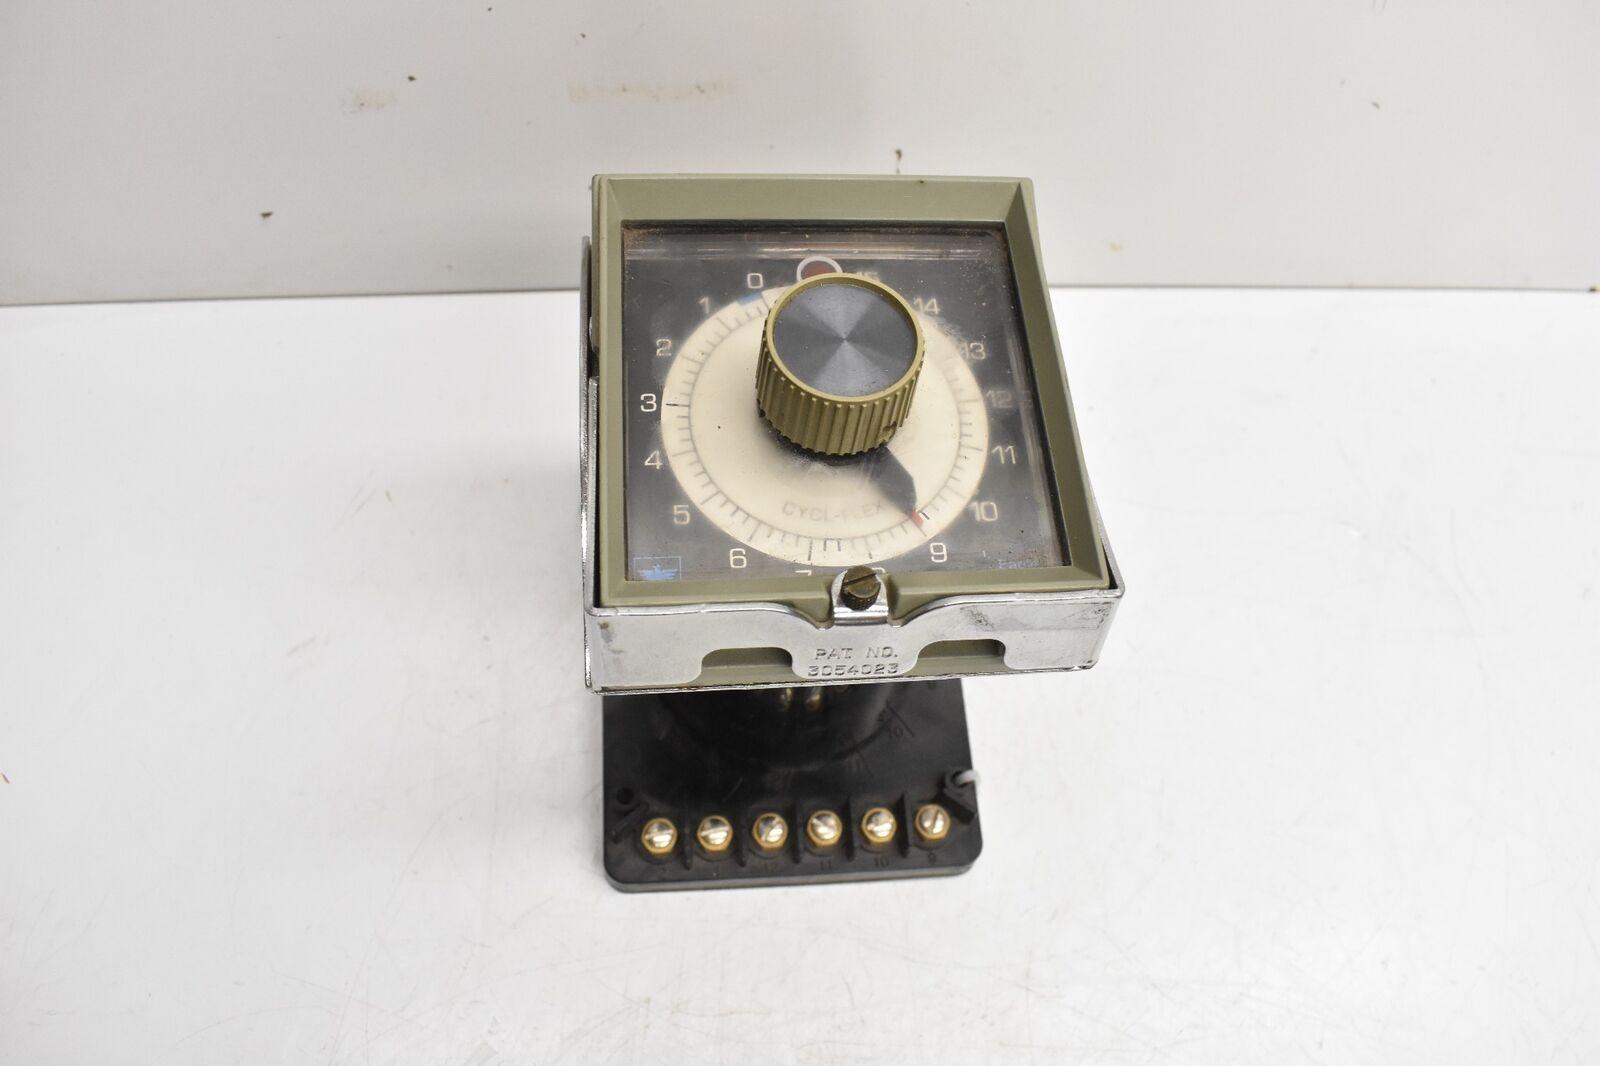 Eagle Signal Cycl-flex Timer 0-5minutes